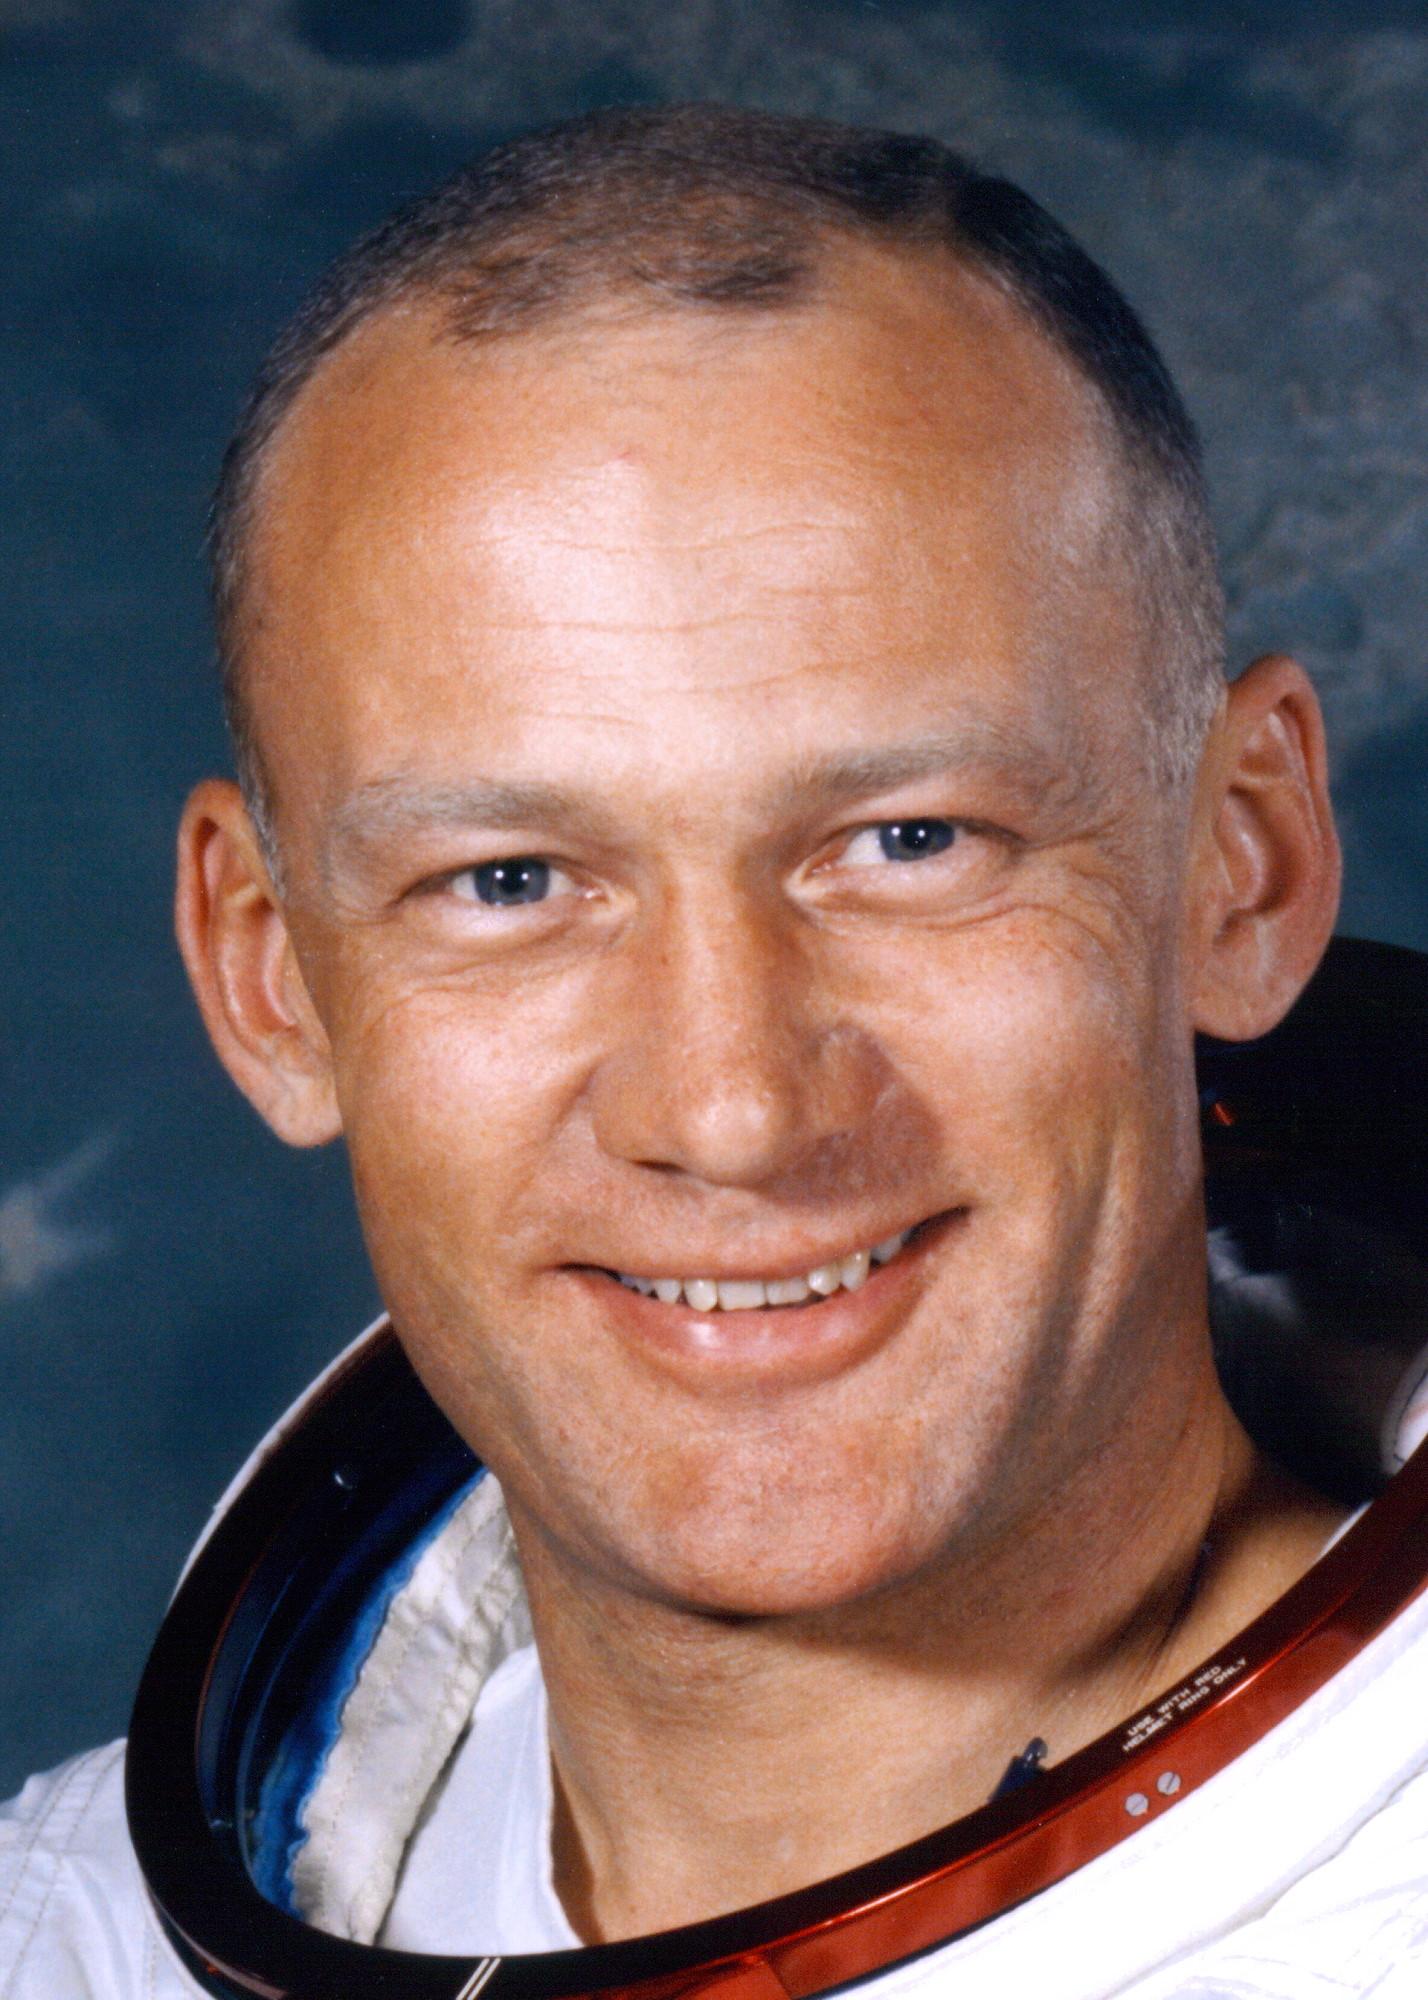 http://img3.wikia.nocookie.net/__cb20131022155737/bigbangtheory/de/images/2/28/Aldrin_buzz.jpg